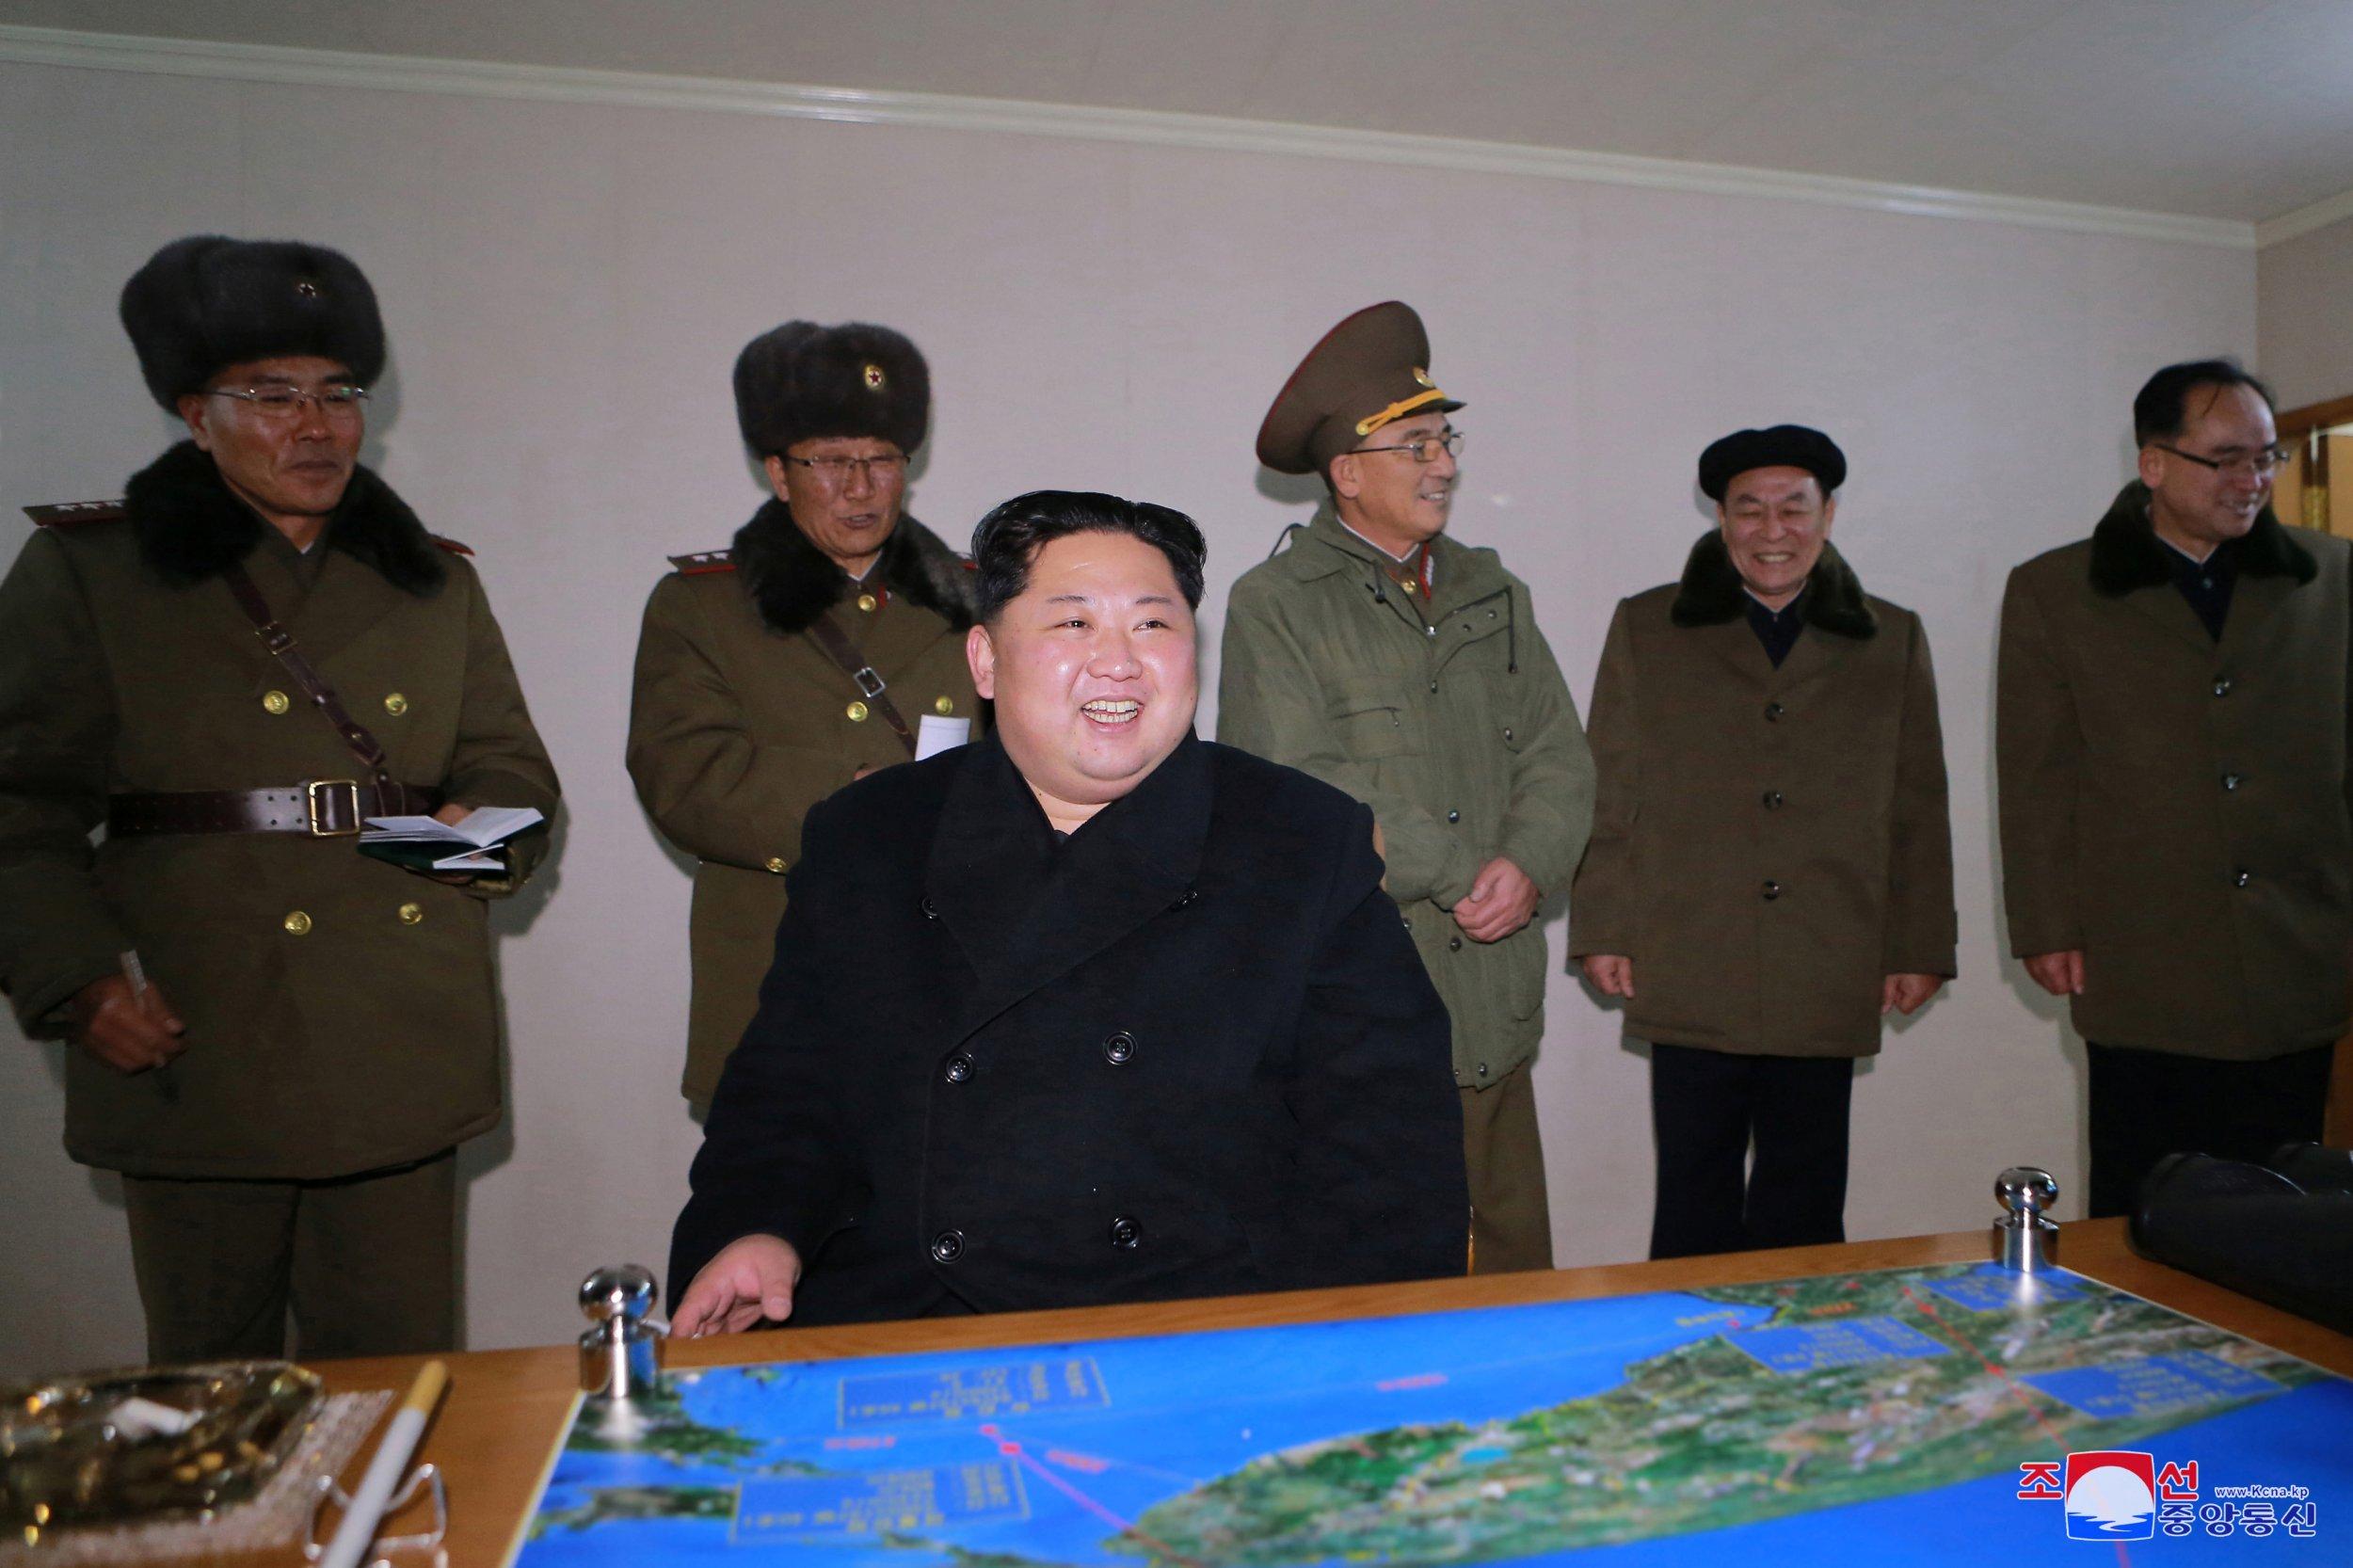 12_1_Kim Jong Un